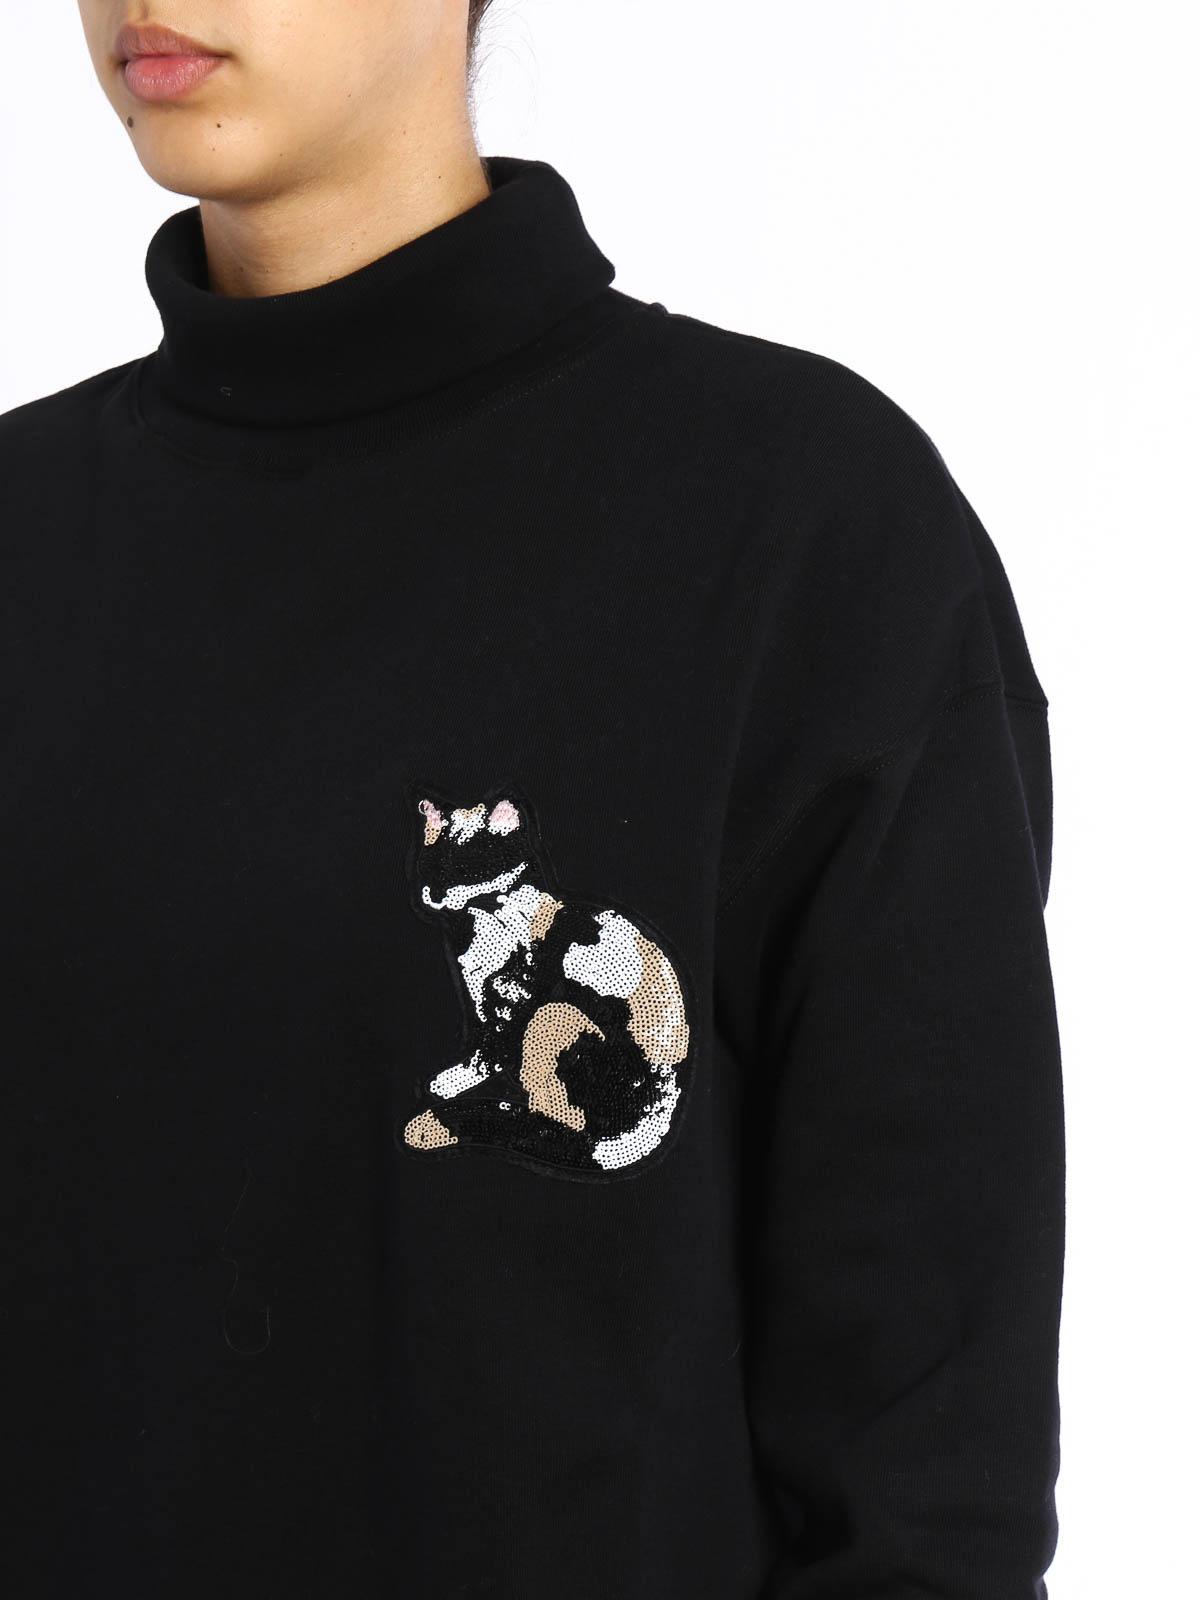 M s g m felpa a collo alto con gatto felpe e maglie for Felpa con marsupio porta gatto